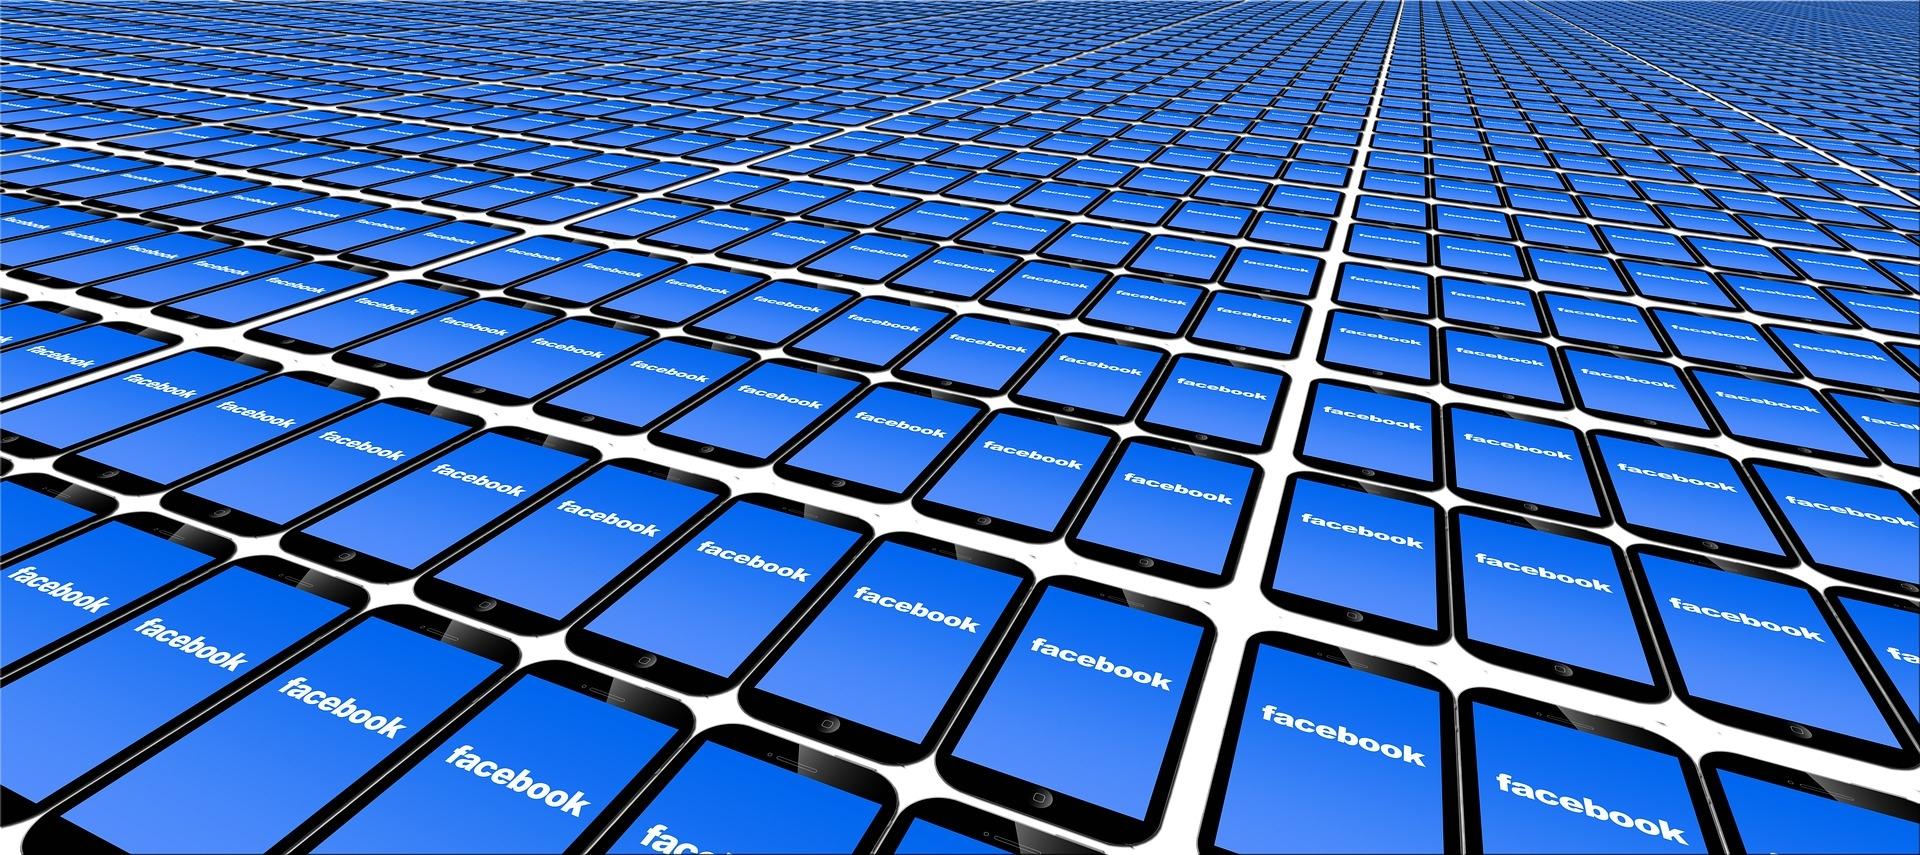 O Facebook adicionou cinco novos parceiros, incluindo o India Today Group, uma importante agência de mídia local.